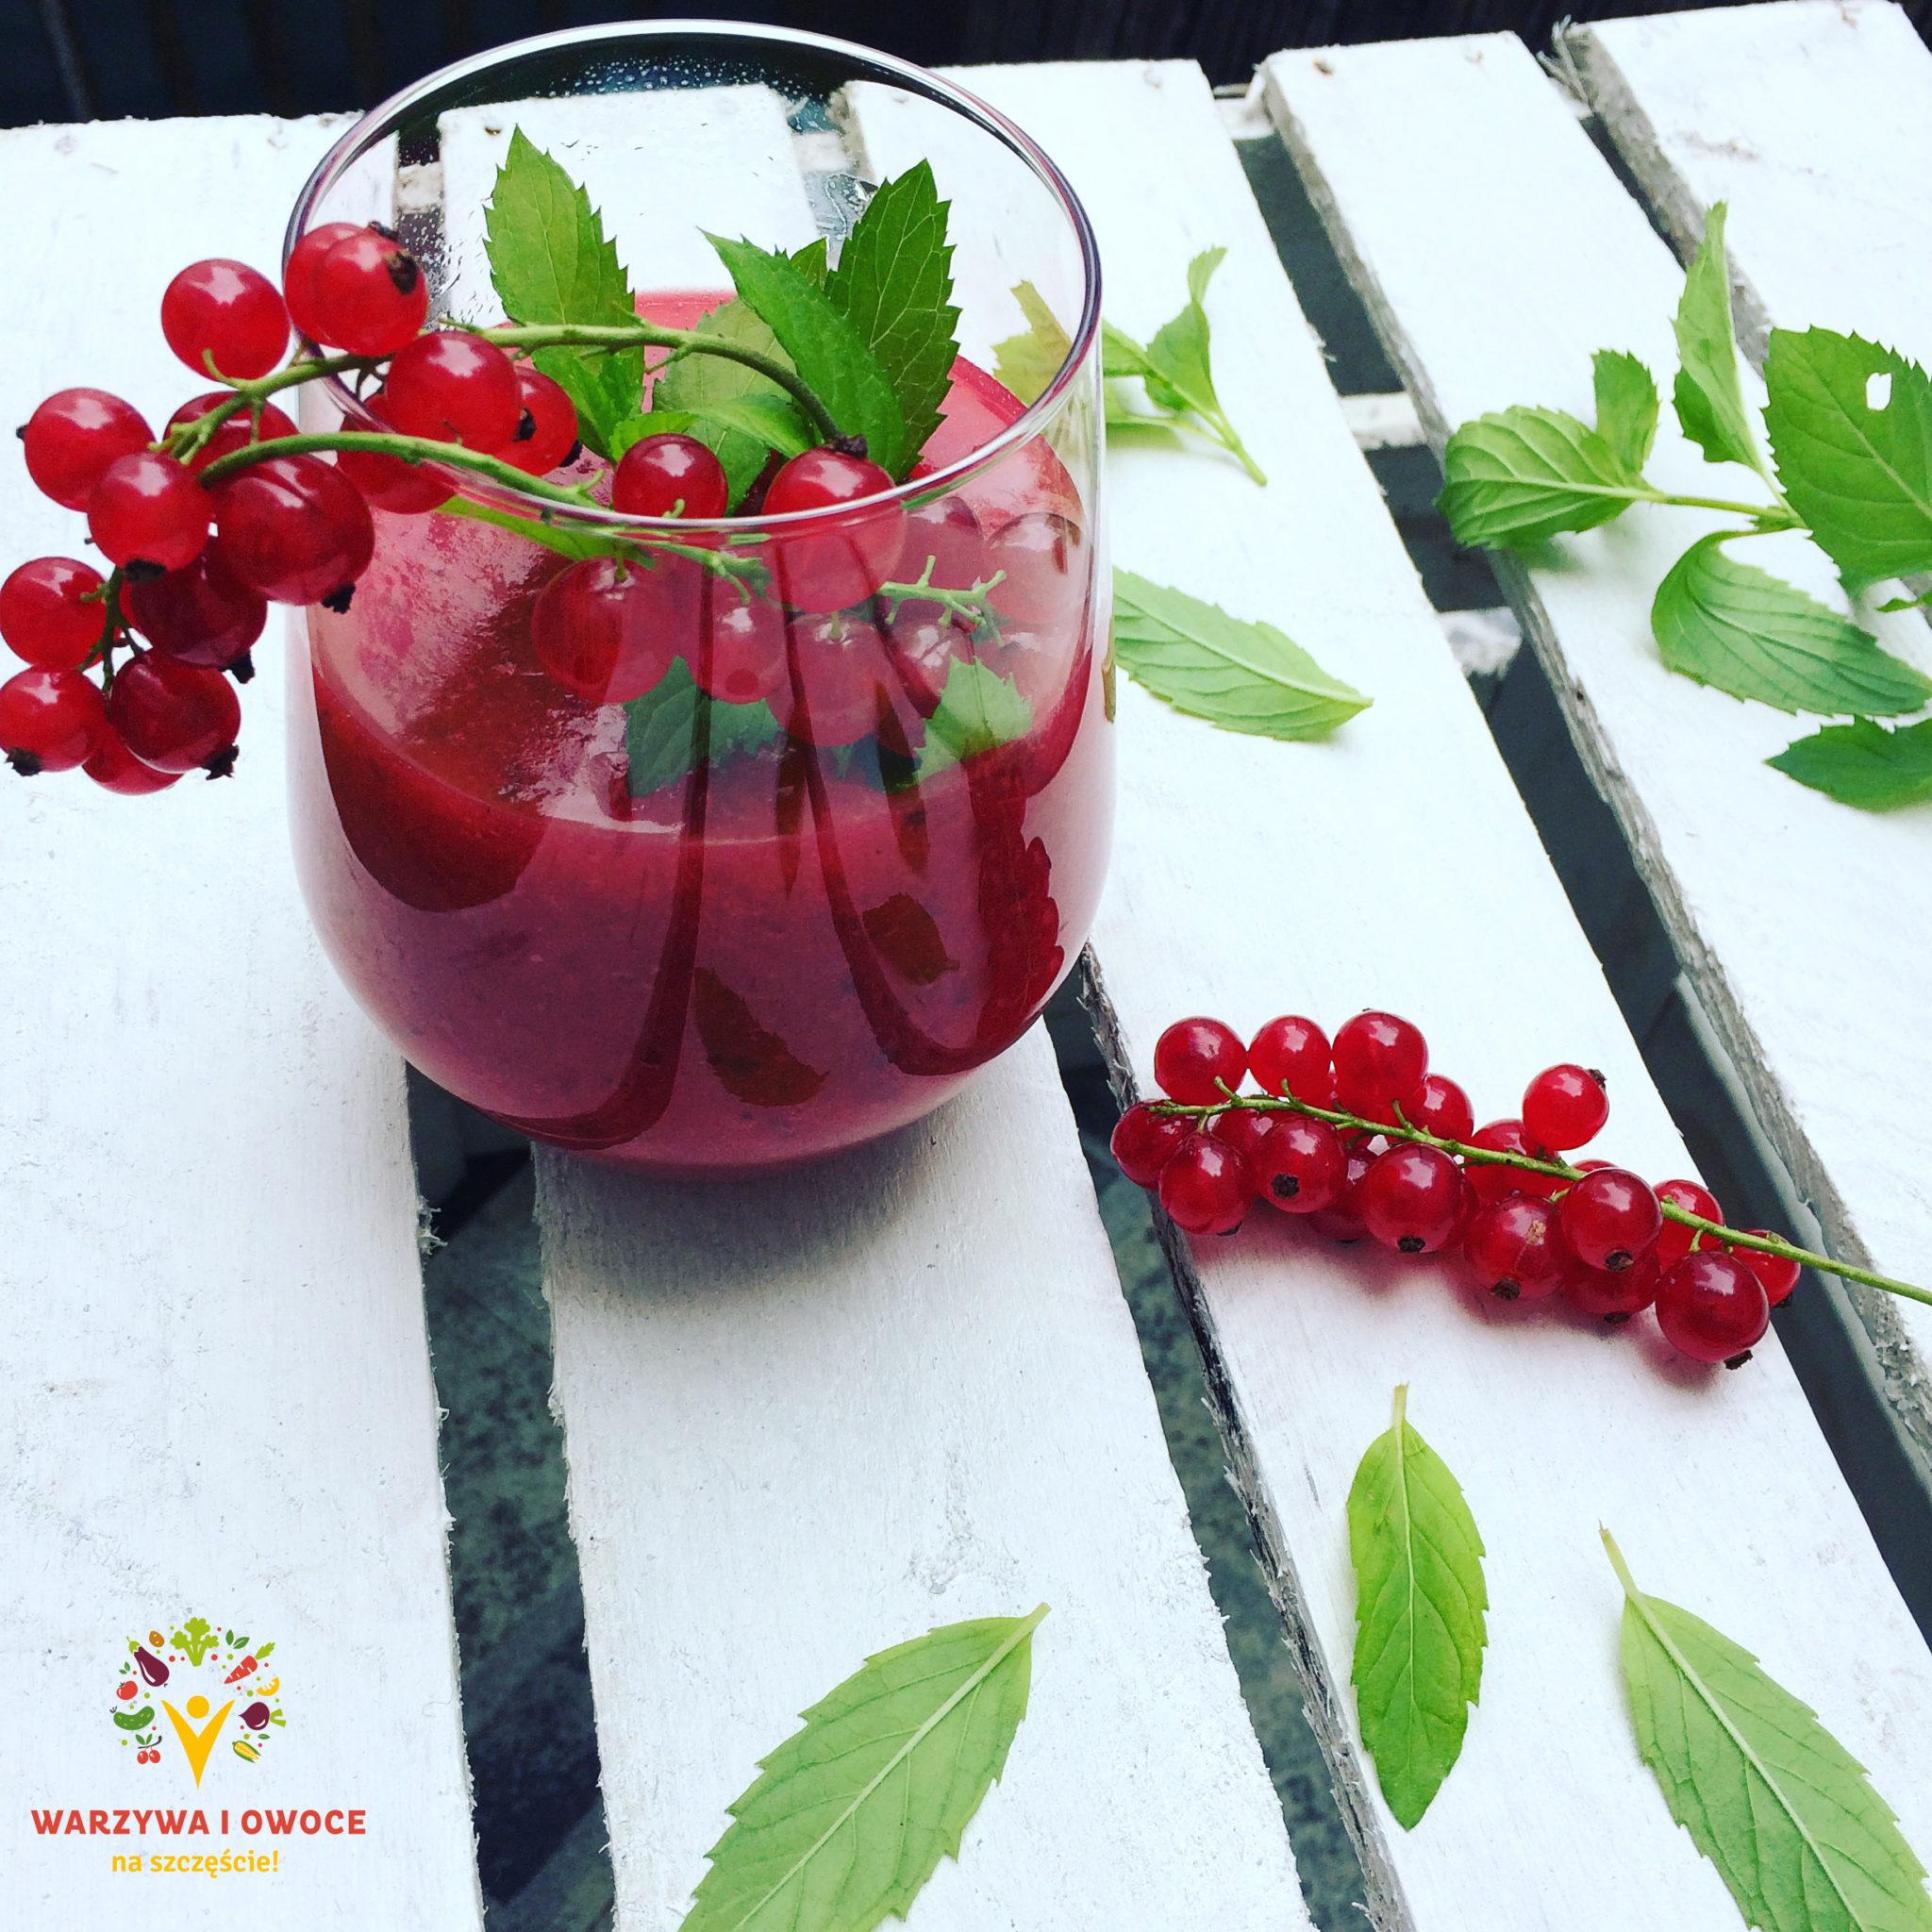 Źródło zdrowia, urody i… szczęścia? Jedz letnie warzywa i owoce!